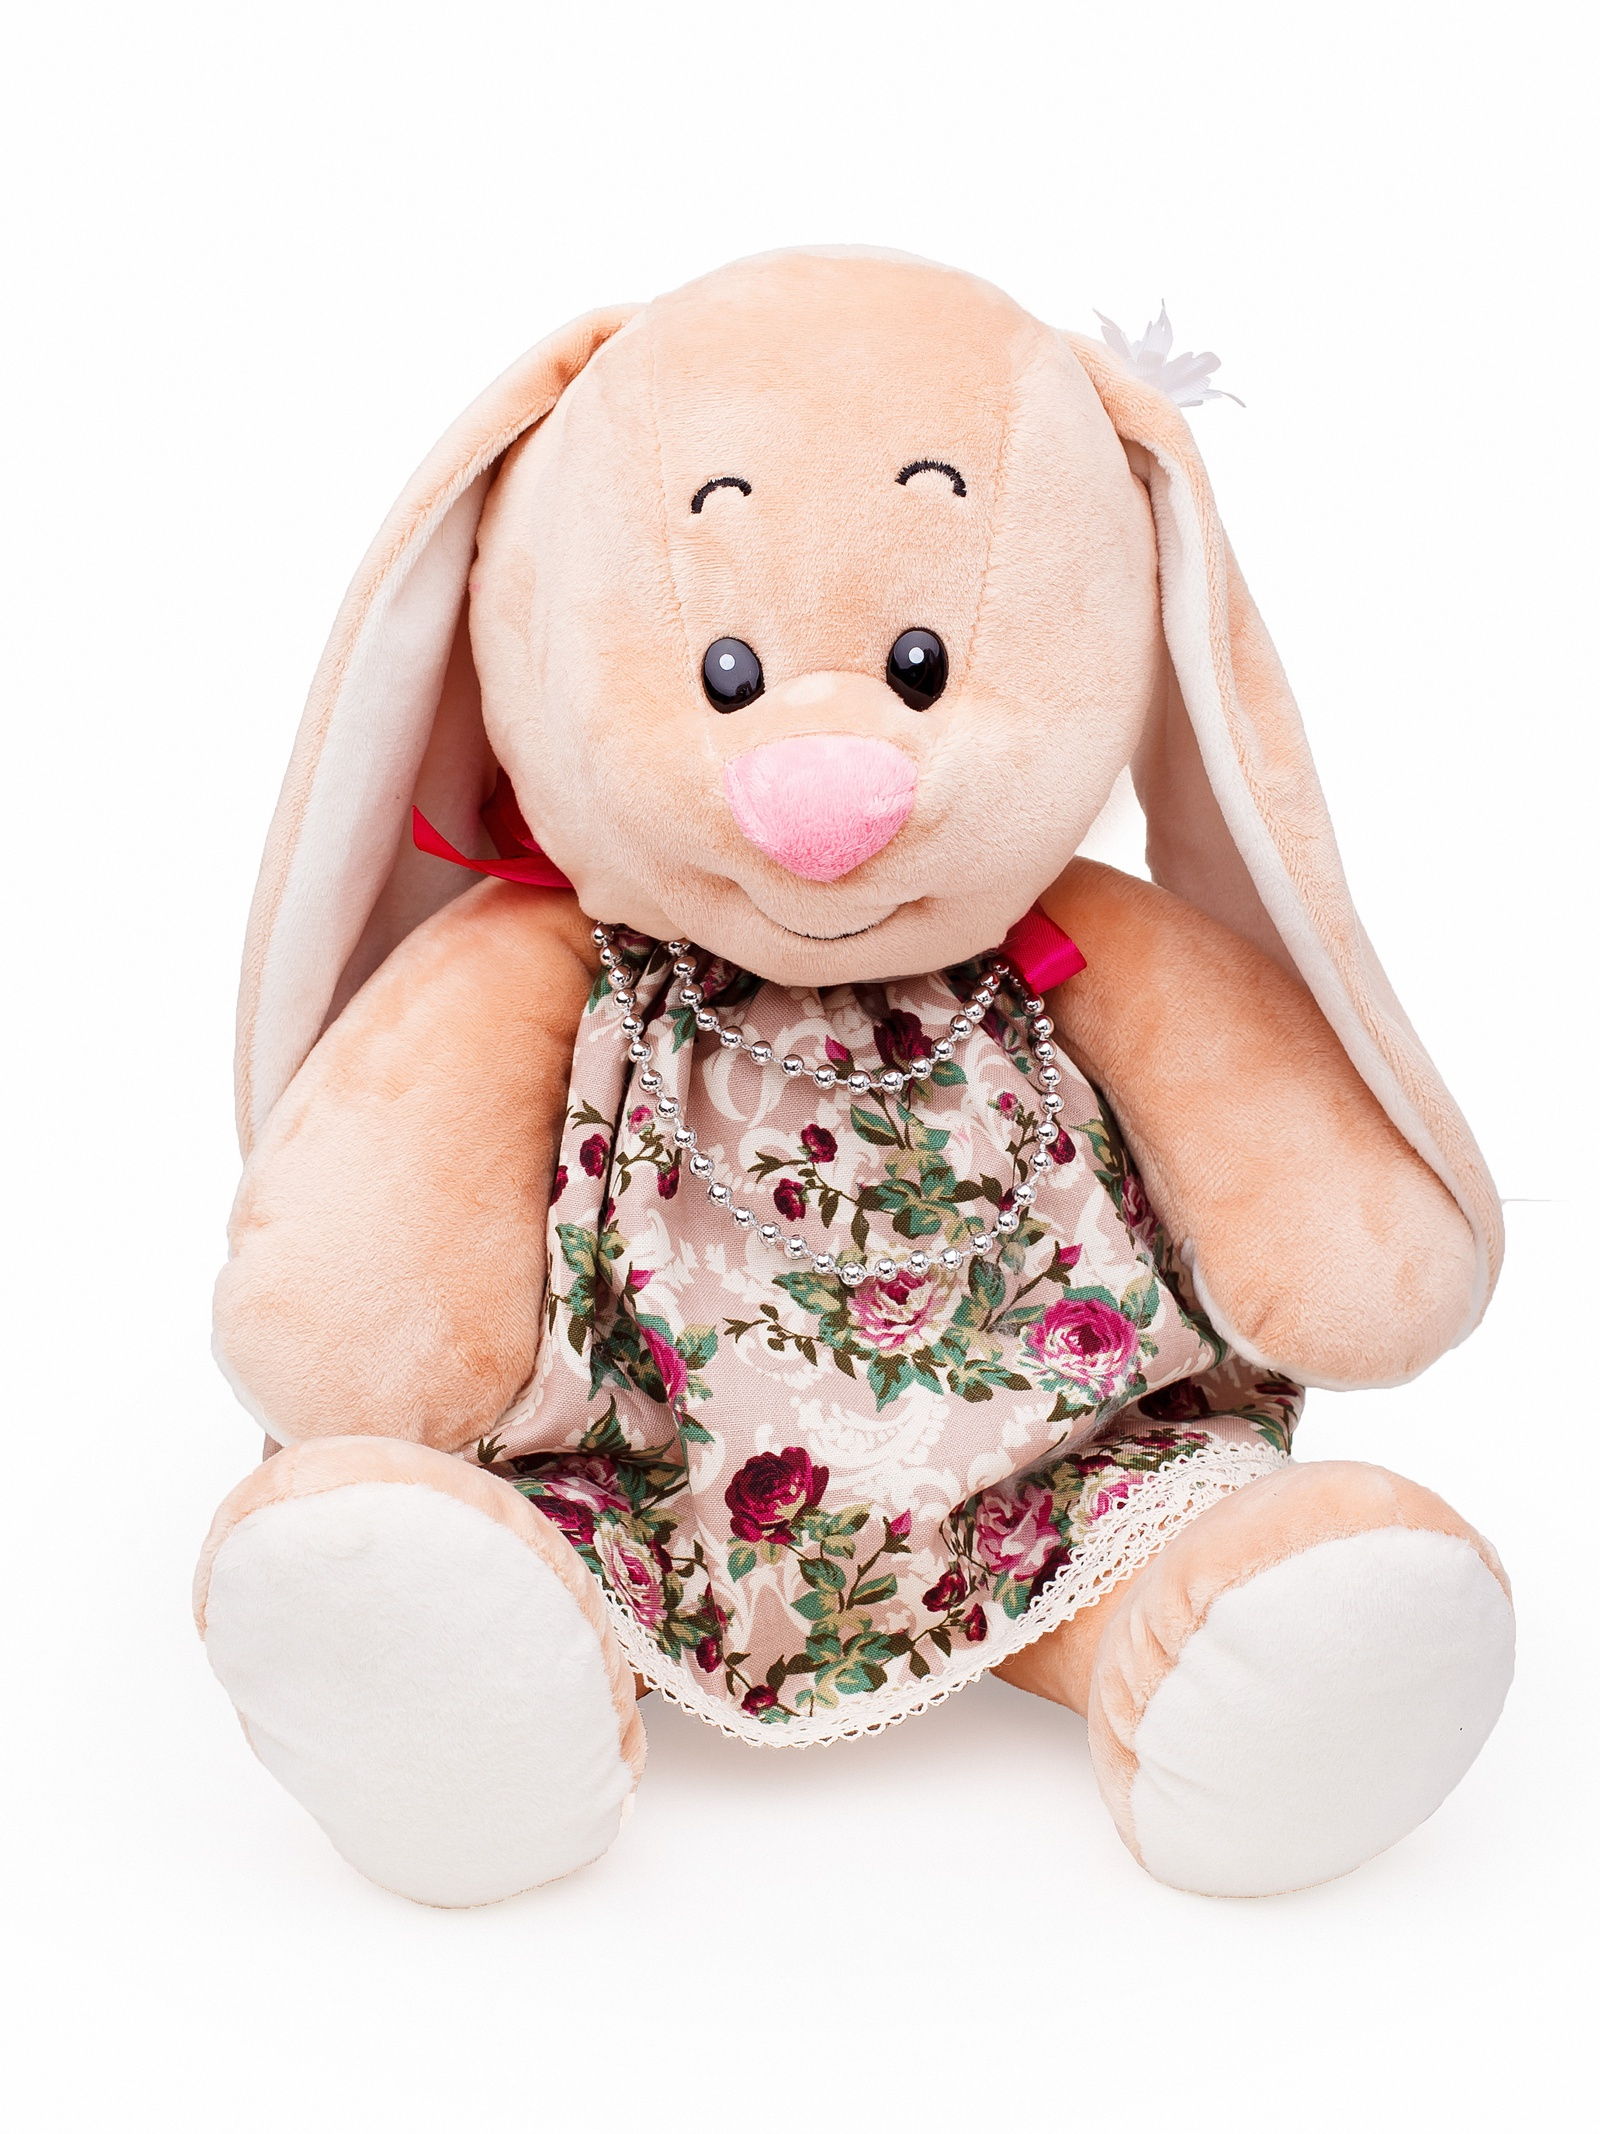 Мягкая игрушка Смолтойс Зайка Ляля В40 в платье на завязках в цветочек, 2466/БЖ-2/40 бежевый